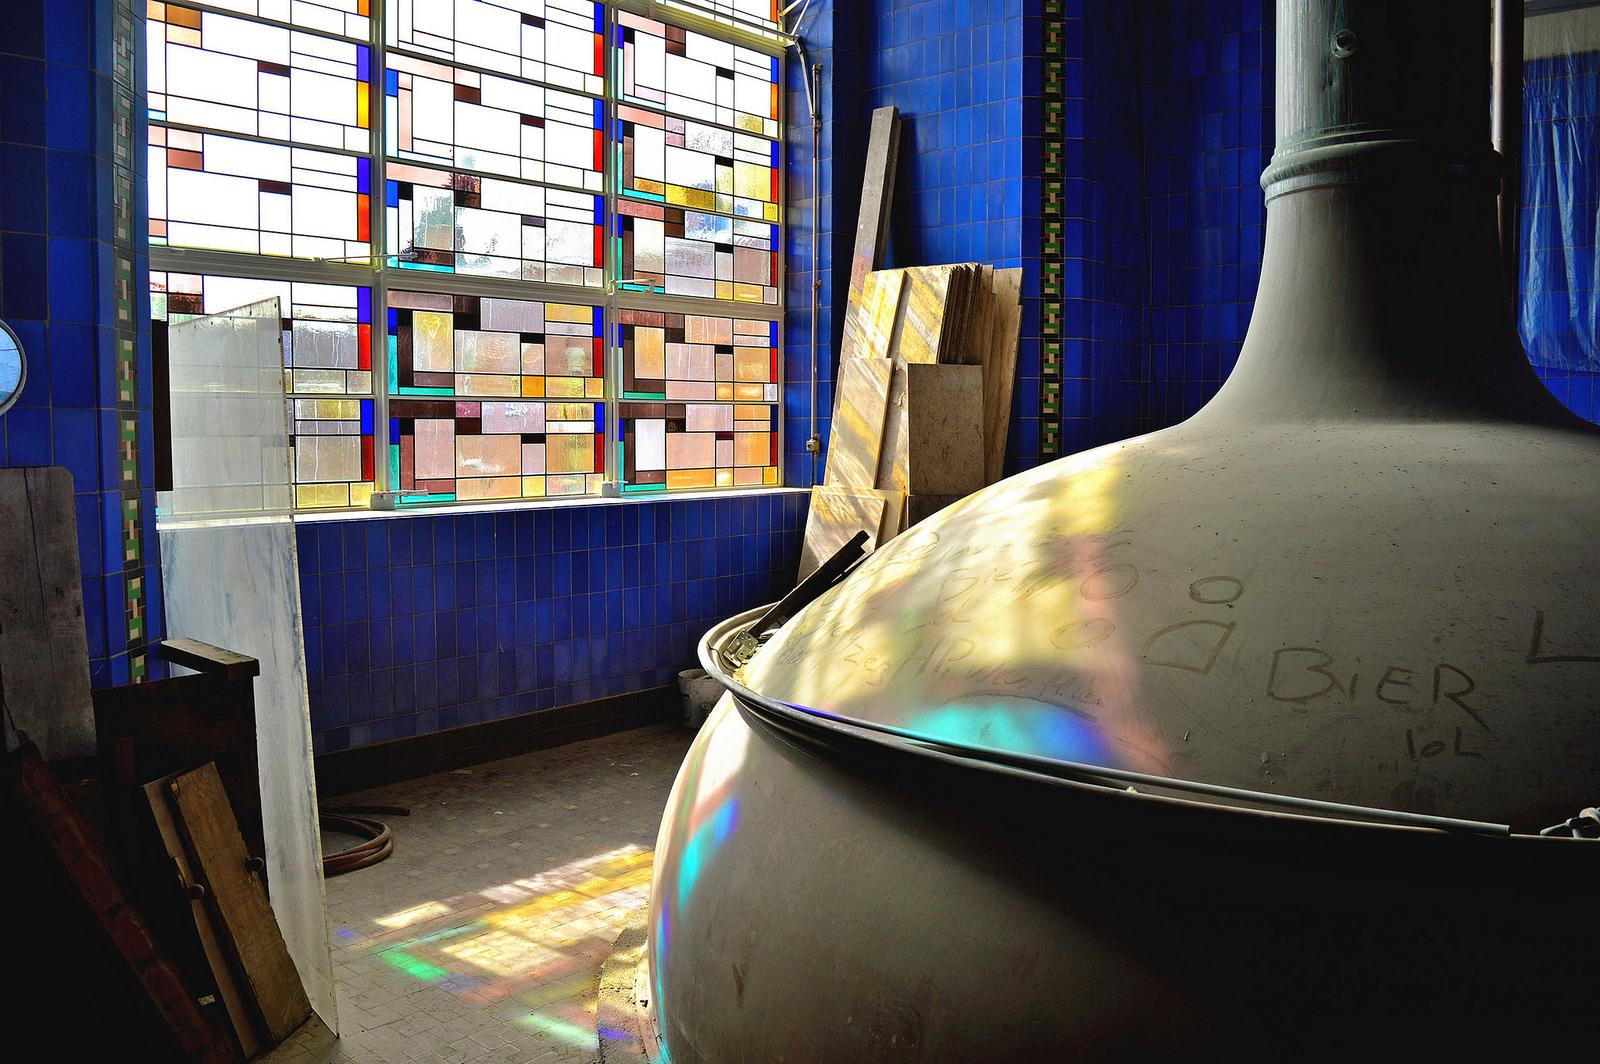 Brewery De Drie Hoefijzers in Breda (the Netherlands).